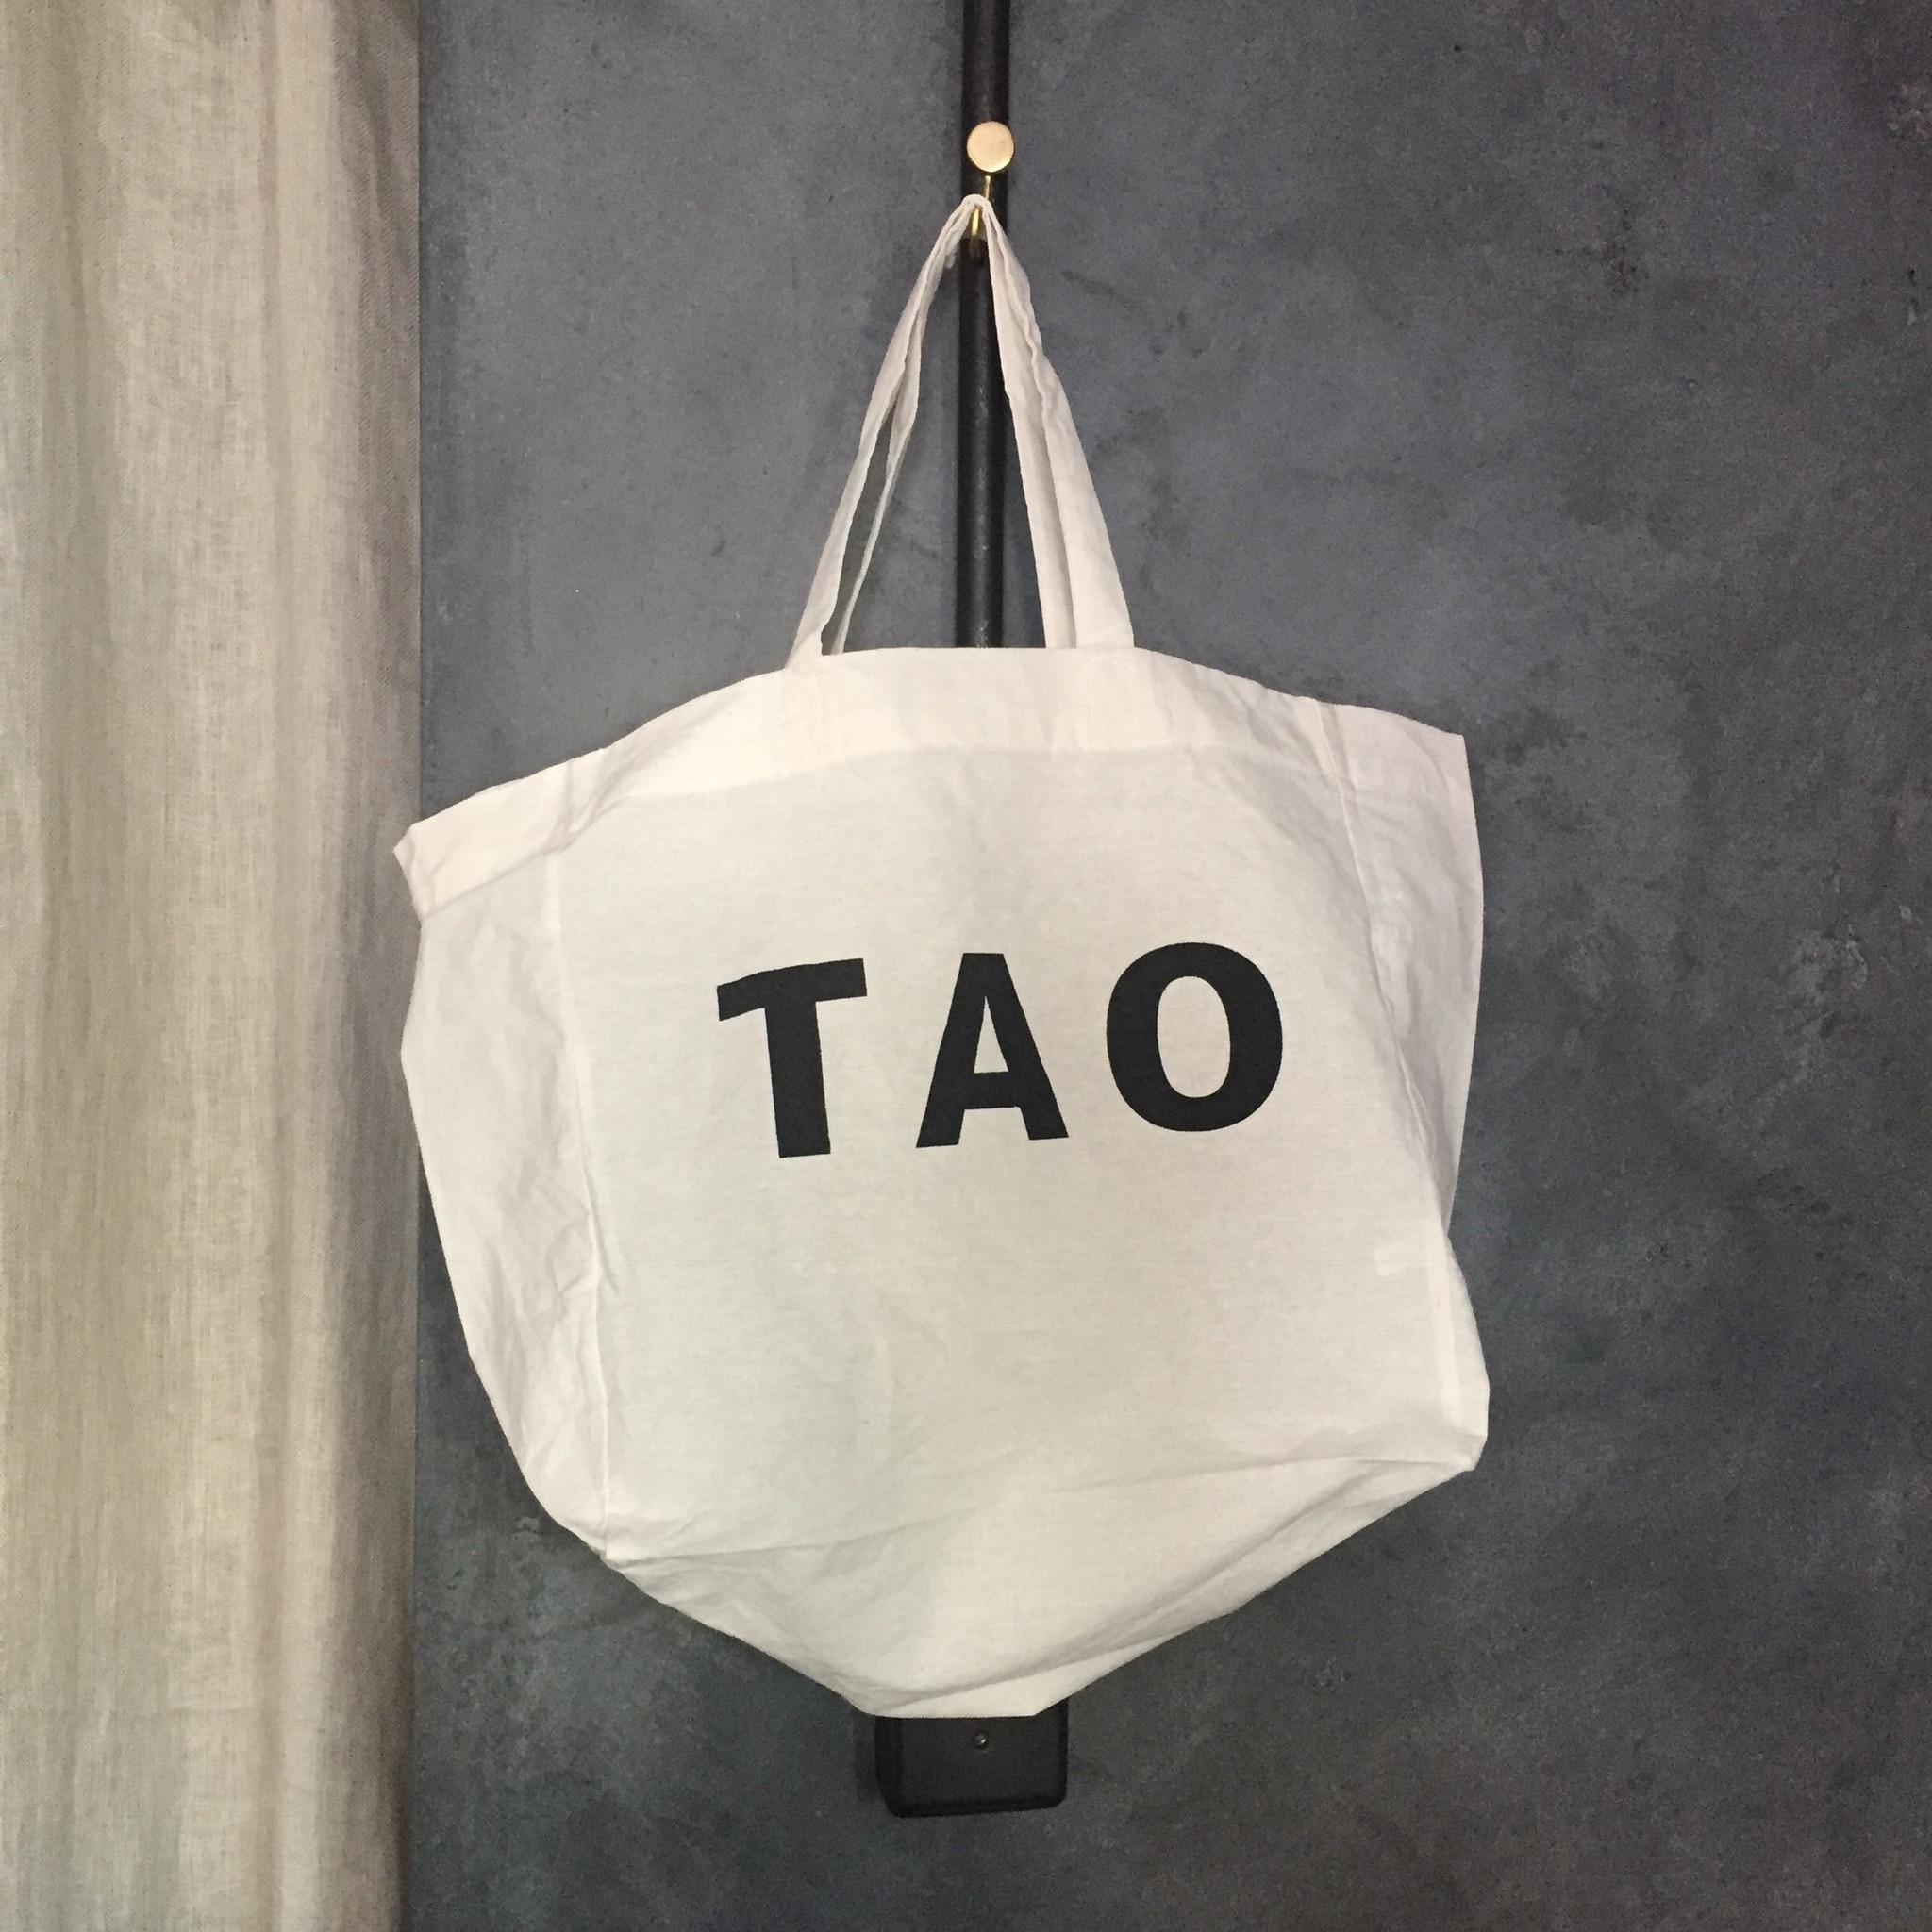 TAOの新商品を5000円以上お買い上げのお客様にオリジナルエコトートバックをプレゼント!